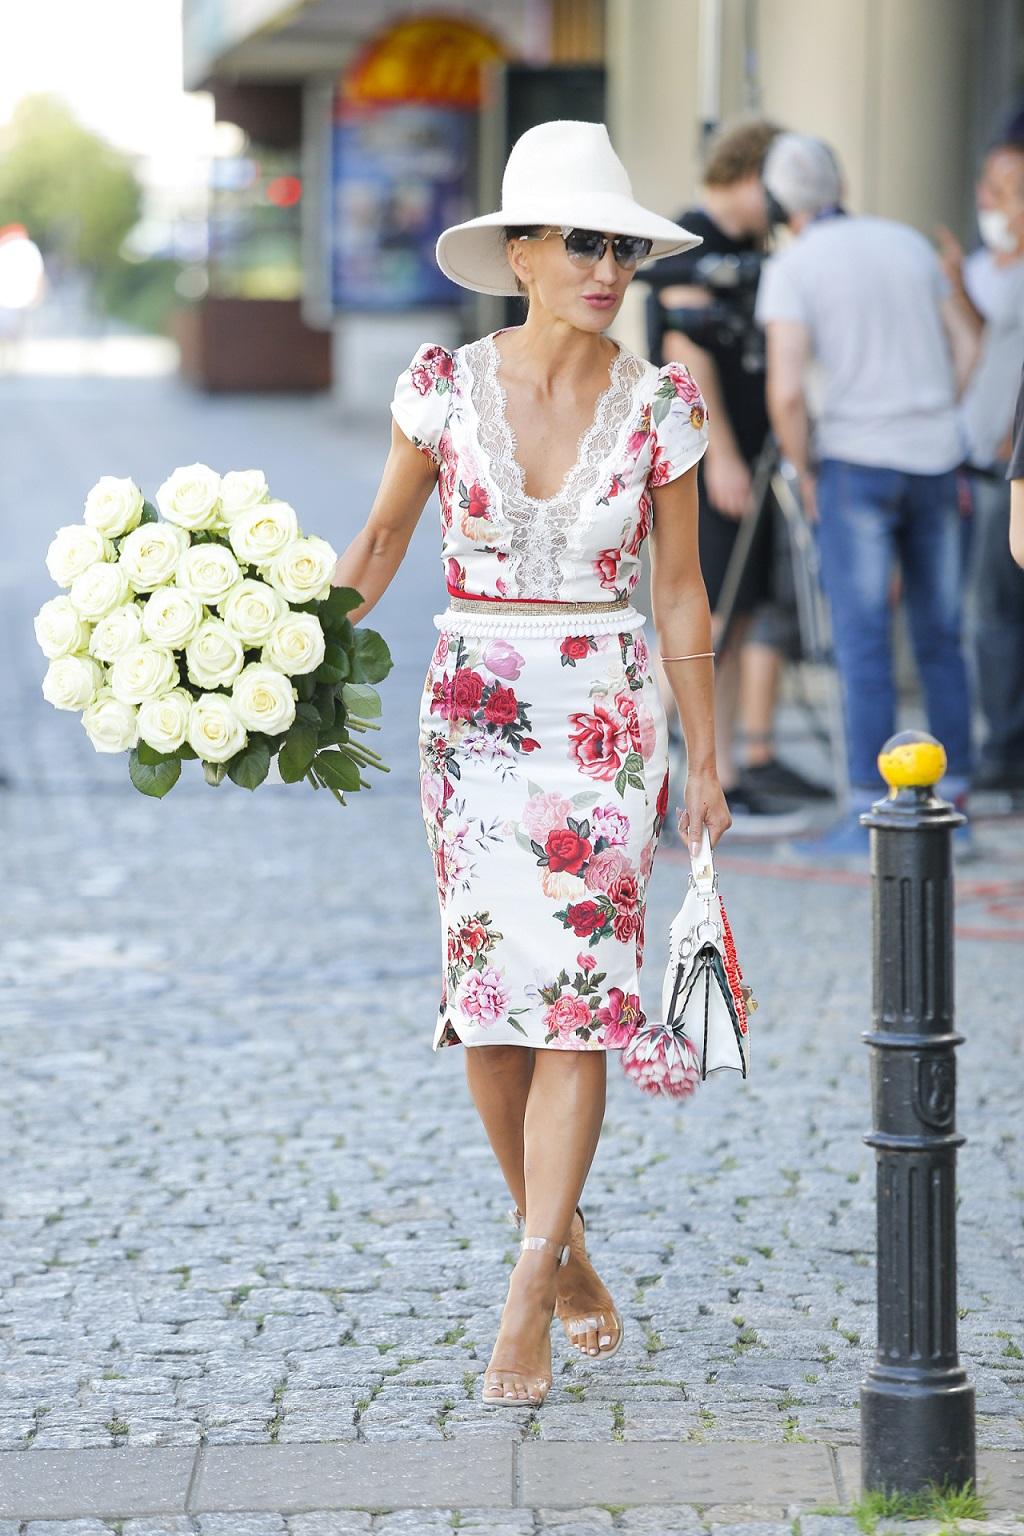 Justyna Steczkowska w eleganckiej sukience.